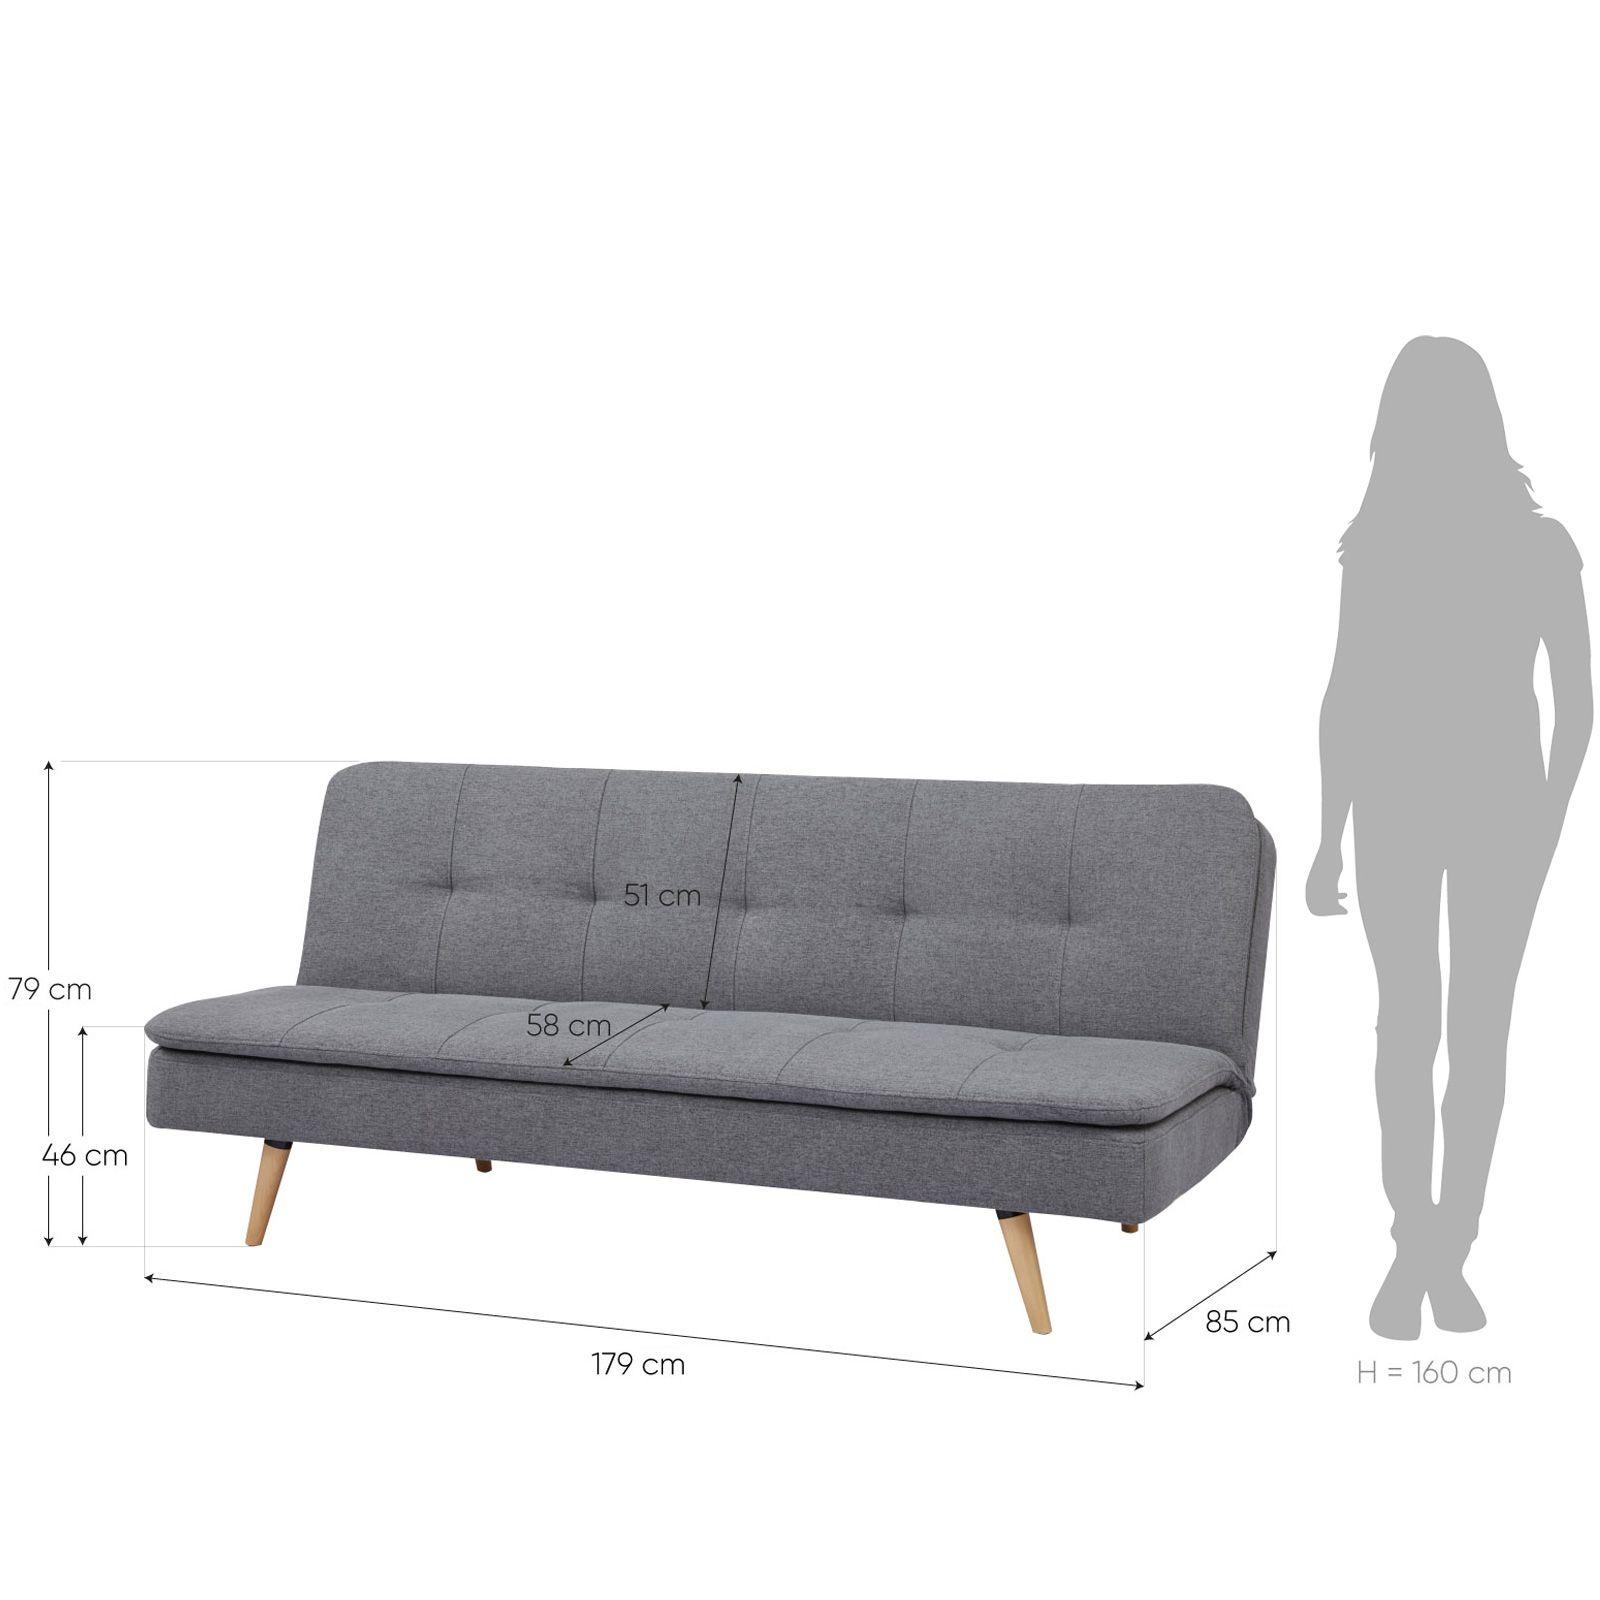 PERGAR | Sofá cama tapizado en gris (178 x 85 x 79 cm)